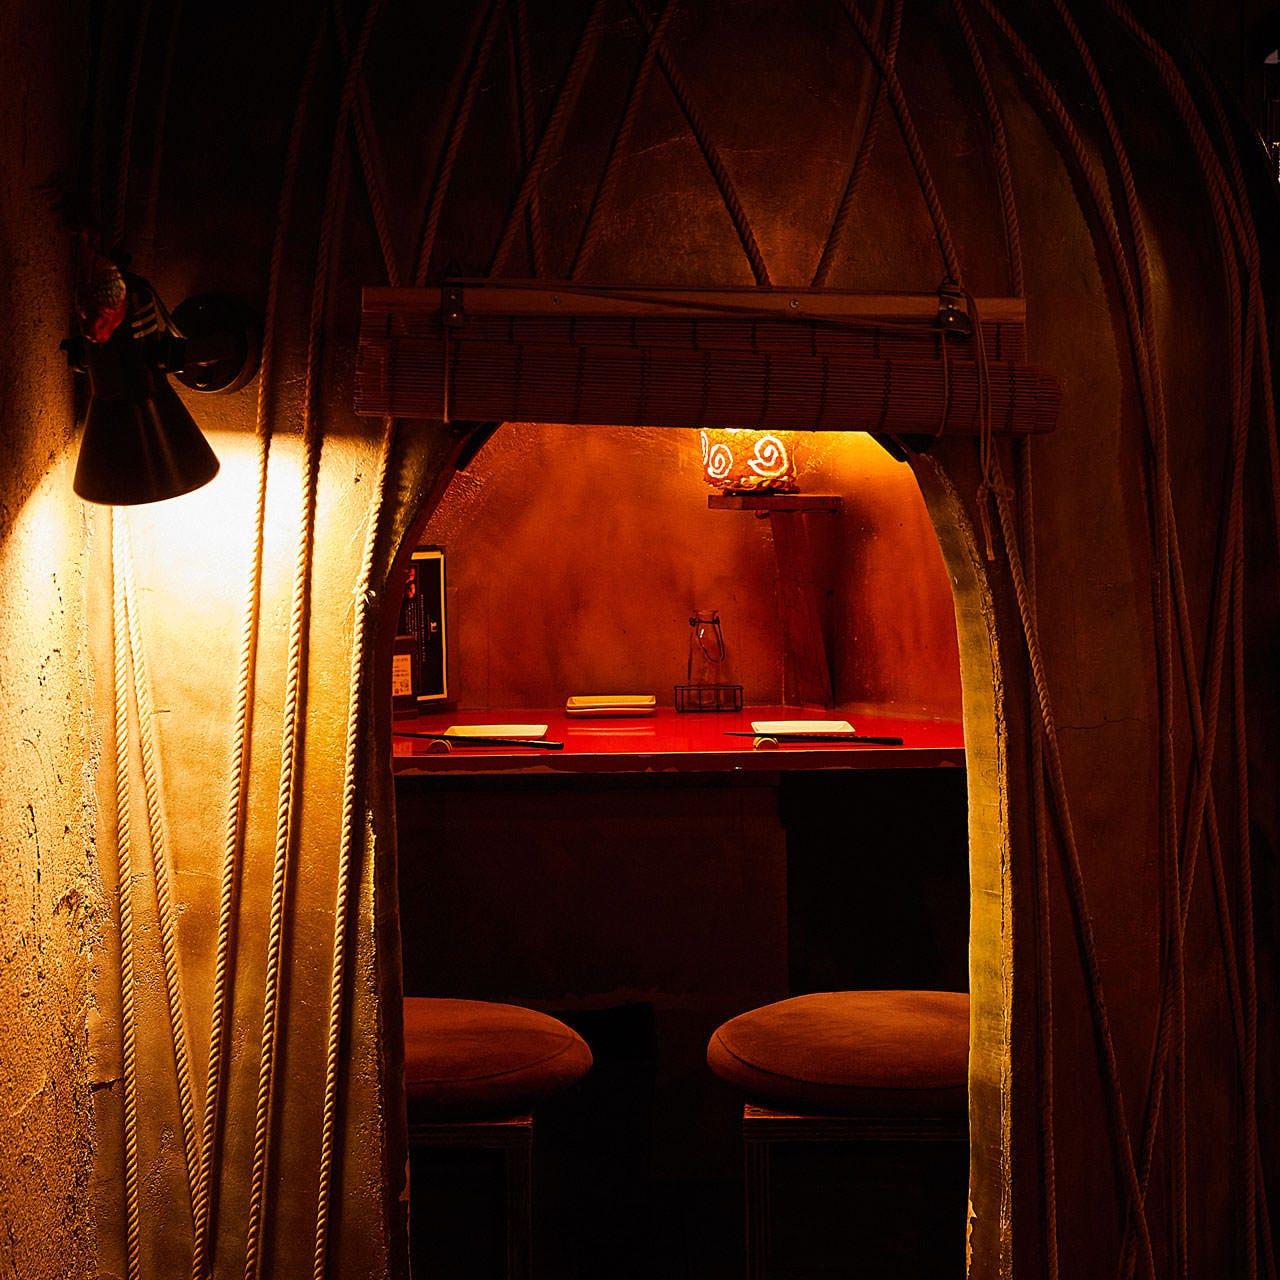 デートに最適なかまくら風隠れ家個室